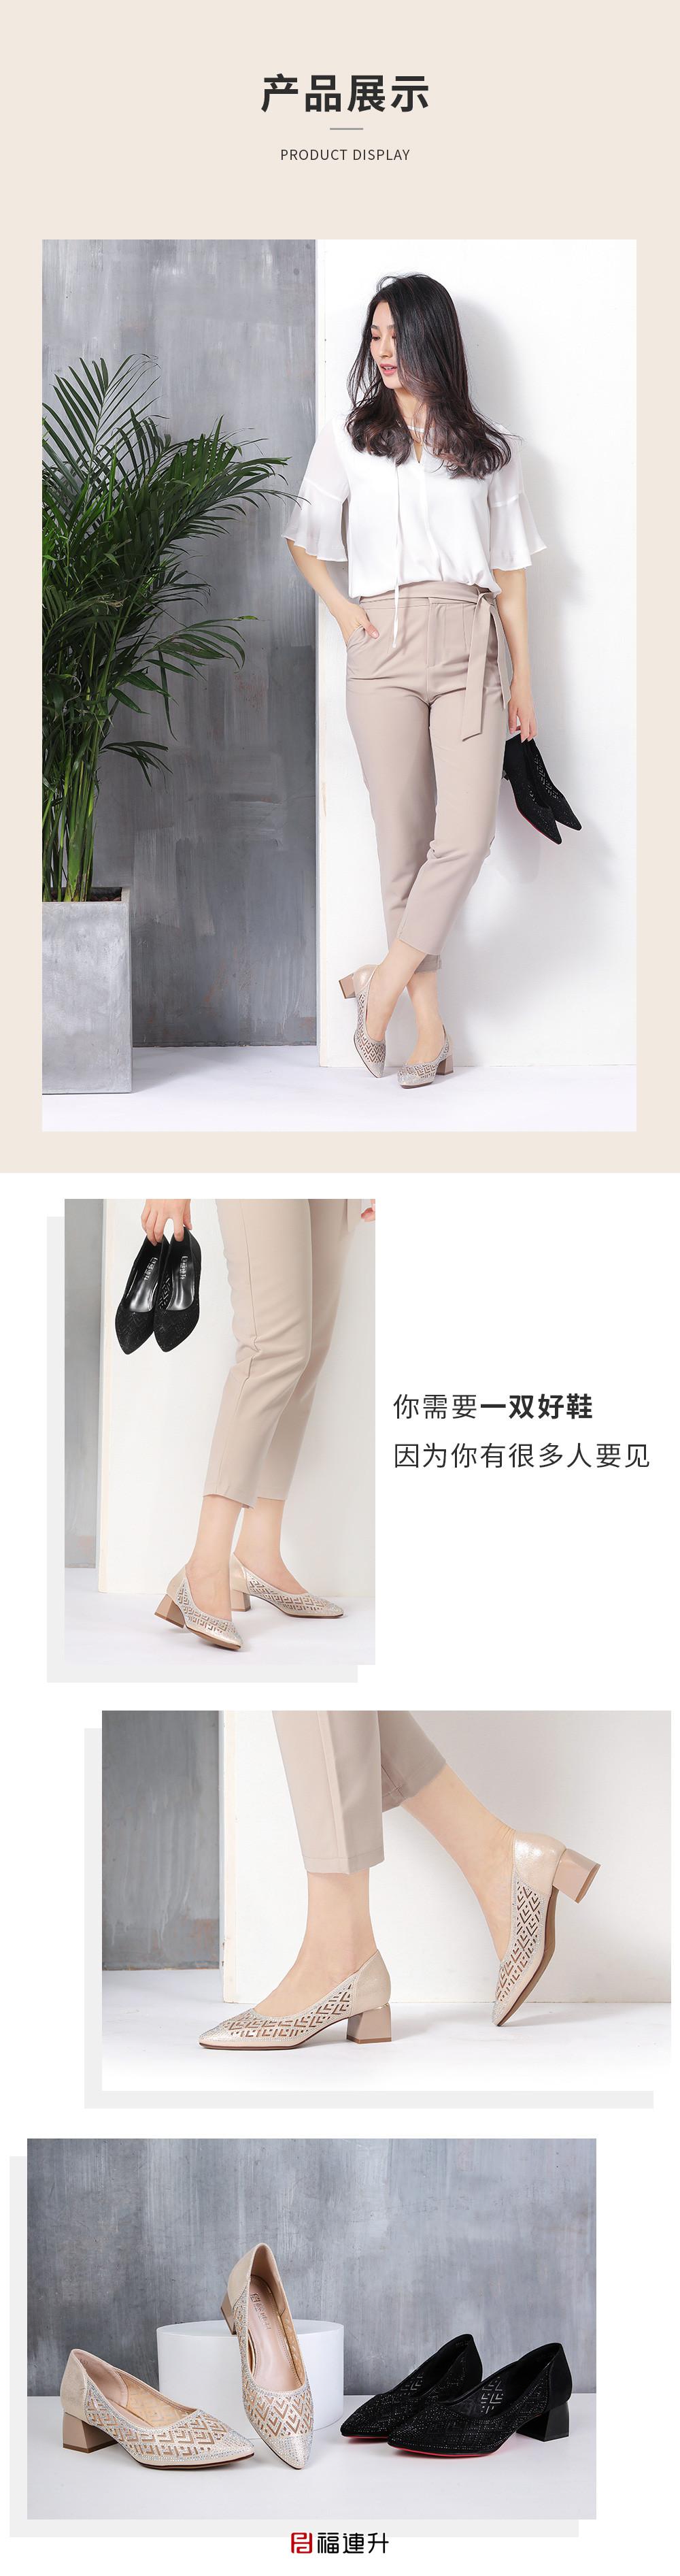 福连升夏新款高跟尖头粗跟凉鞋透气镂空女鞋图片